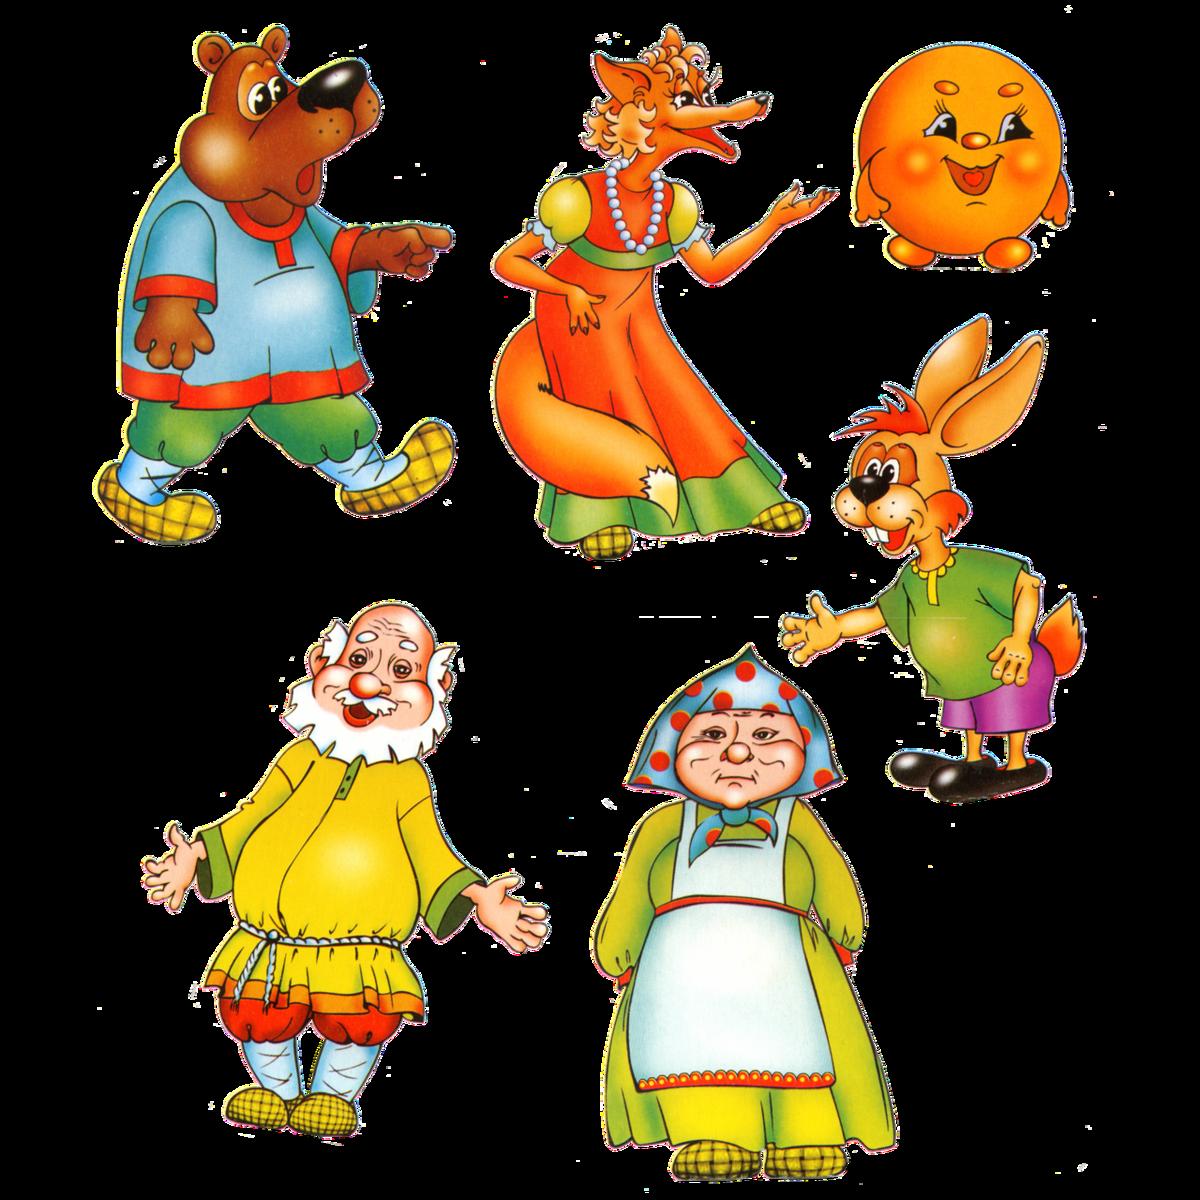 персонажи русских сказок картинки героев меня есть